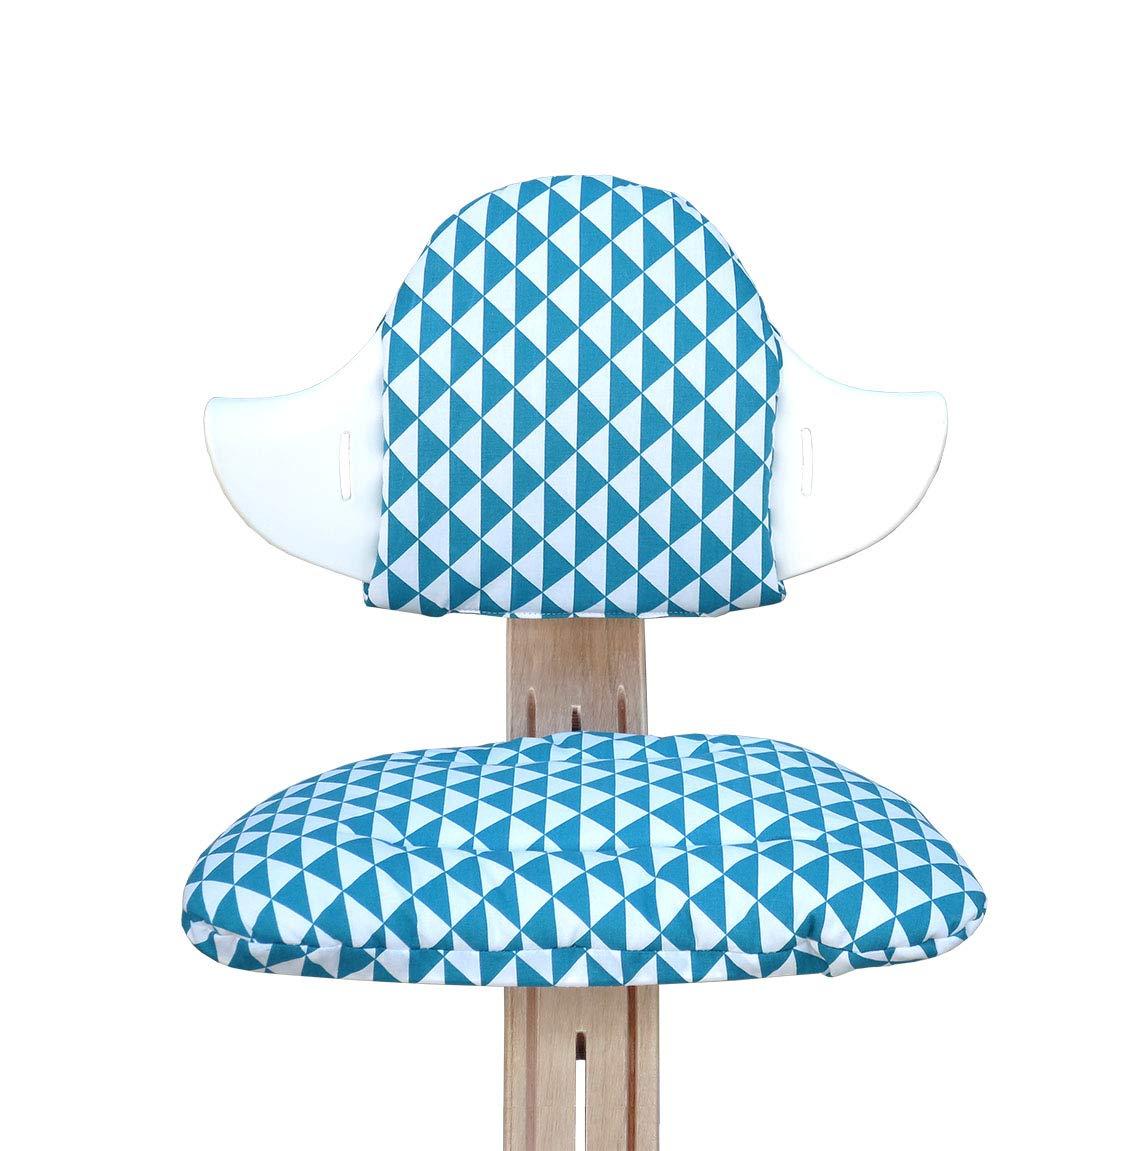 Sitzkissen Set f/ür Nomi Hochstuhl von Evomove Blausberg Baby Sailor Grau